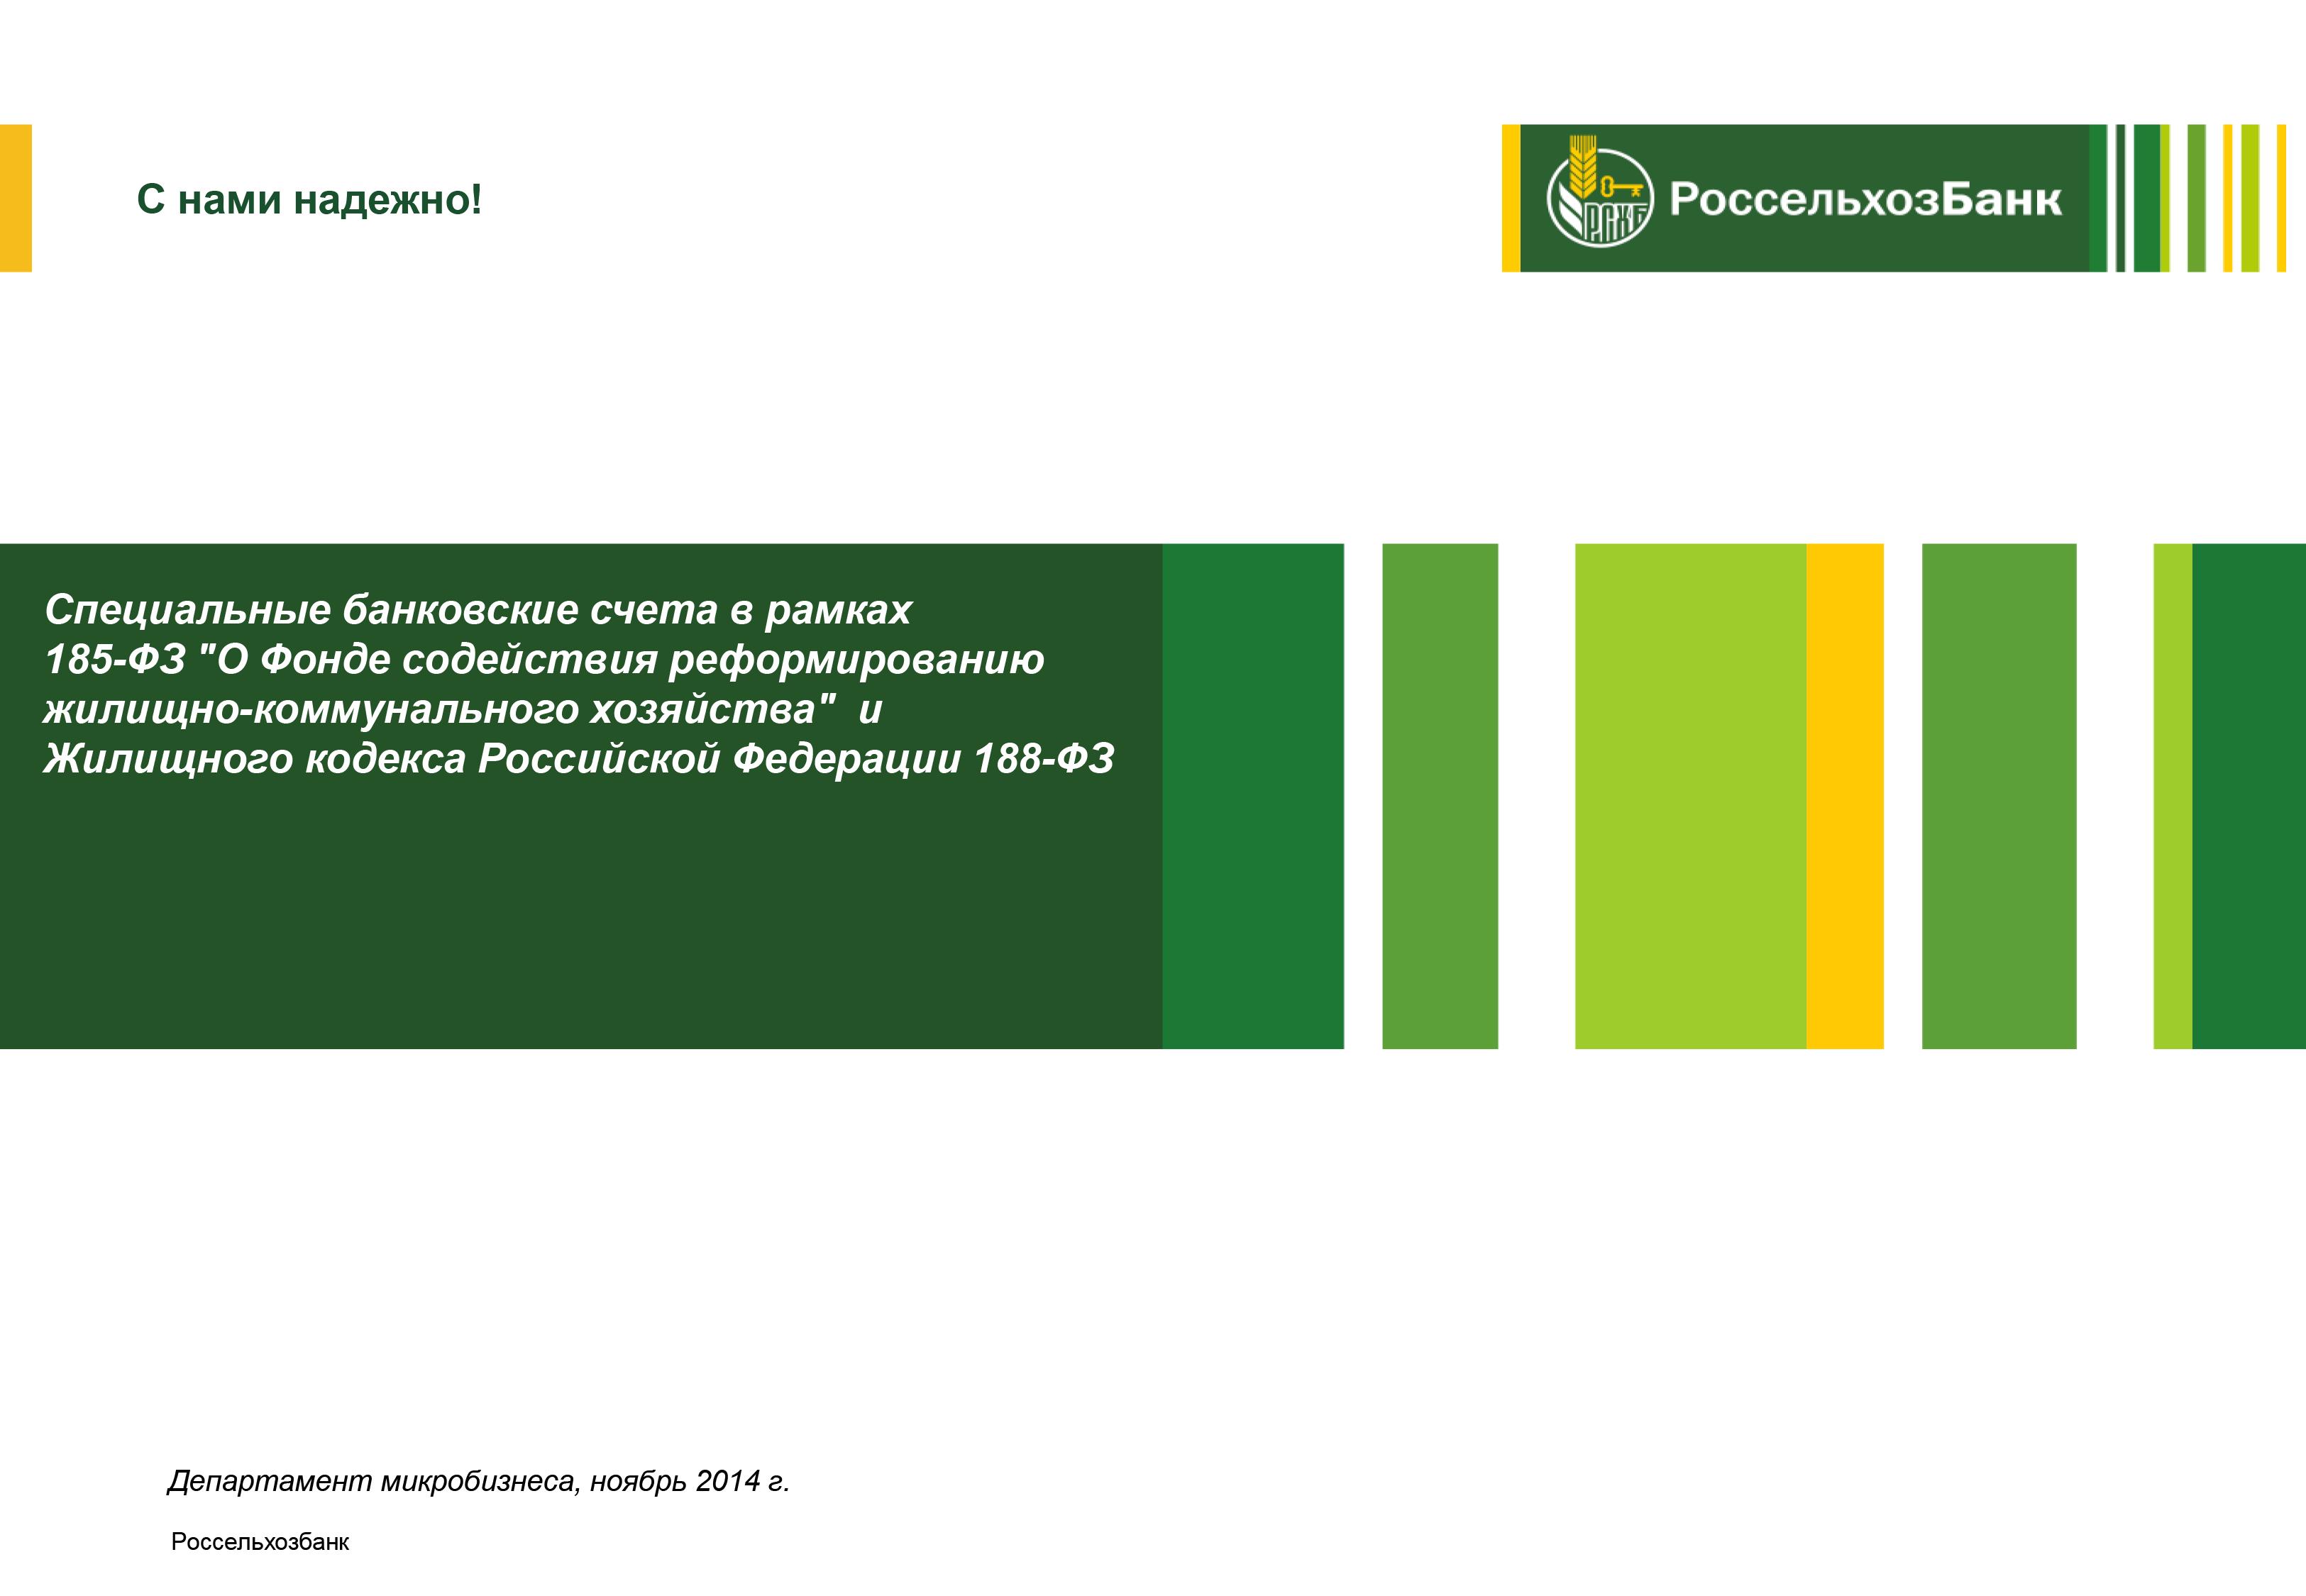 Специальные банковские счета, открываемые для целей капитального ремонта  от Россельхозбанка